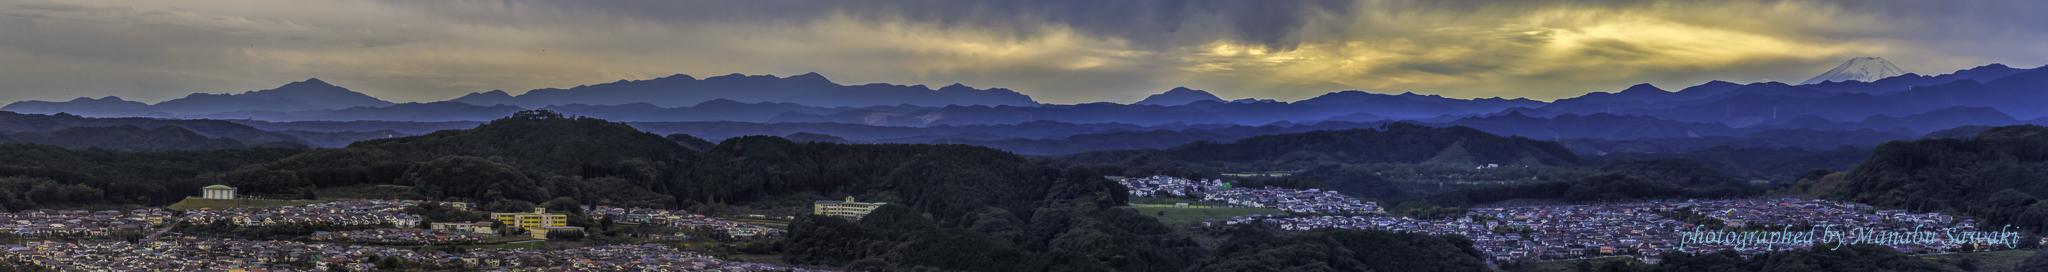 夕暮の日和田山へ_b0010915_21555036.jpg